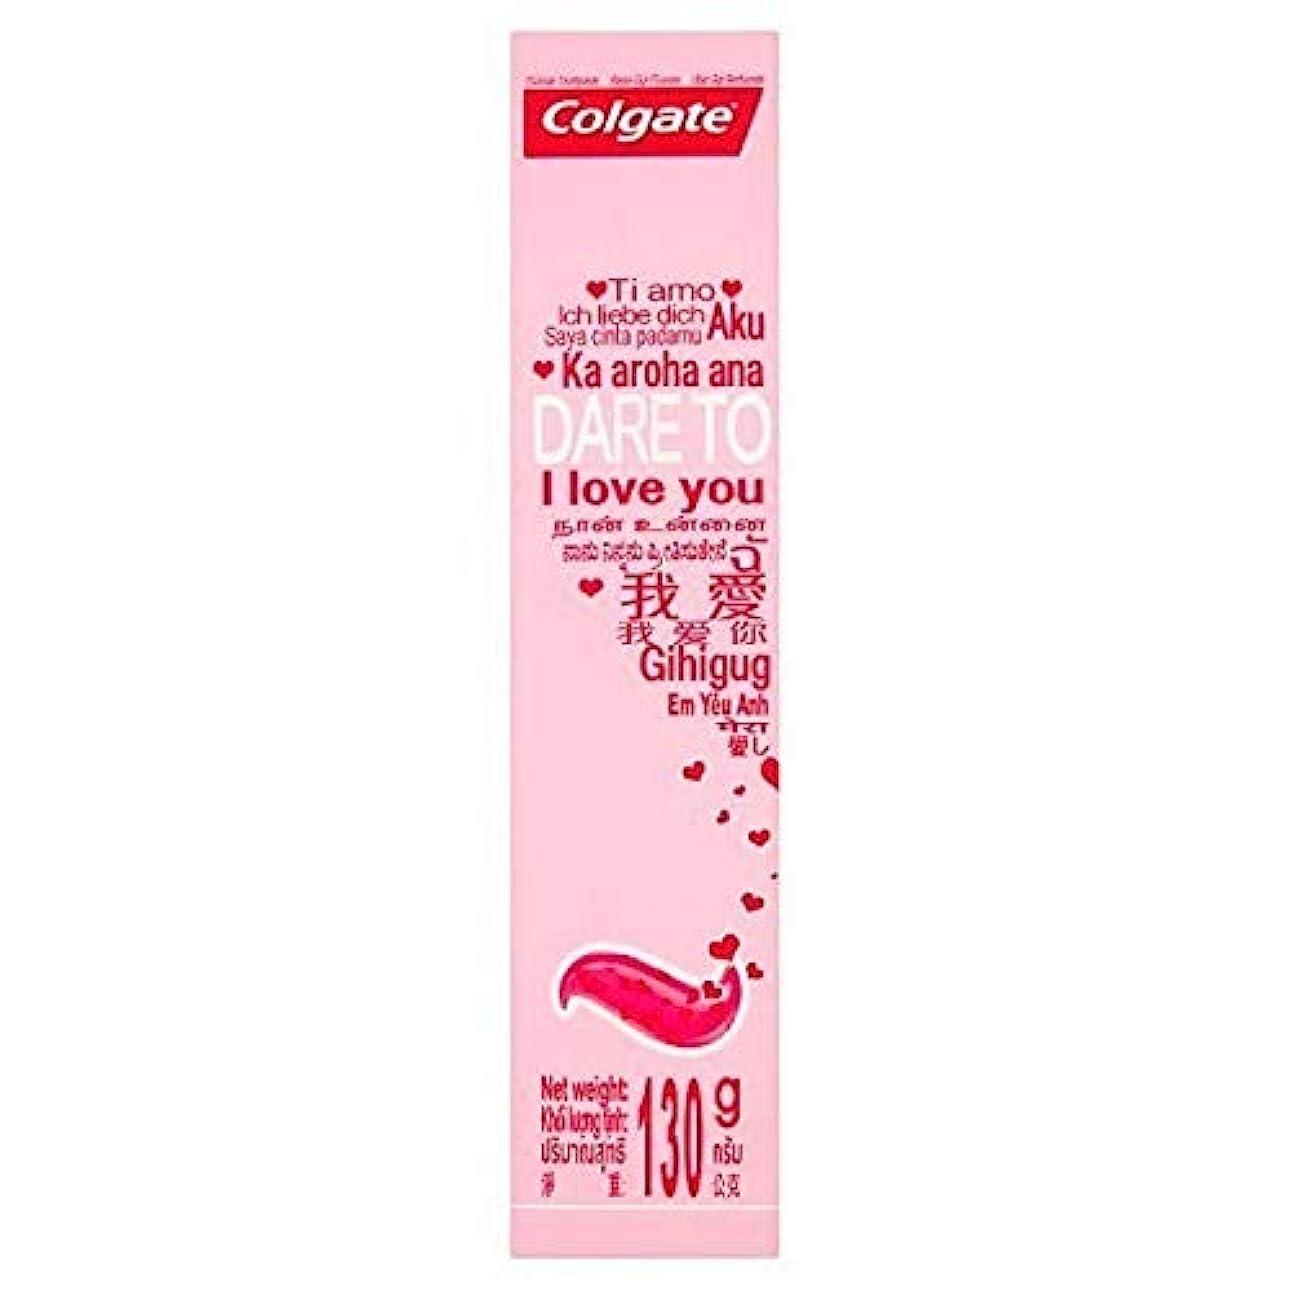 リード条件付き病的[Colgate ] コルゲートは、歯磨き粉の130グラムを愛することを敢えて - Colgate Dare To Love Toothpaste 130g [並行輸入品]